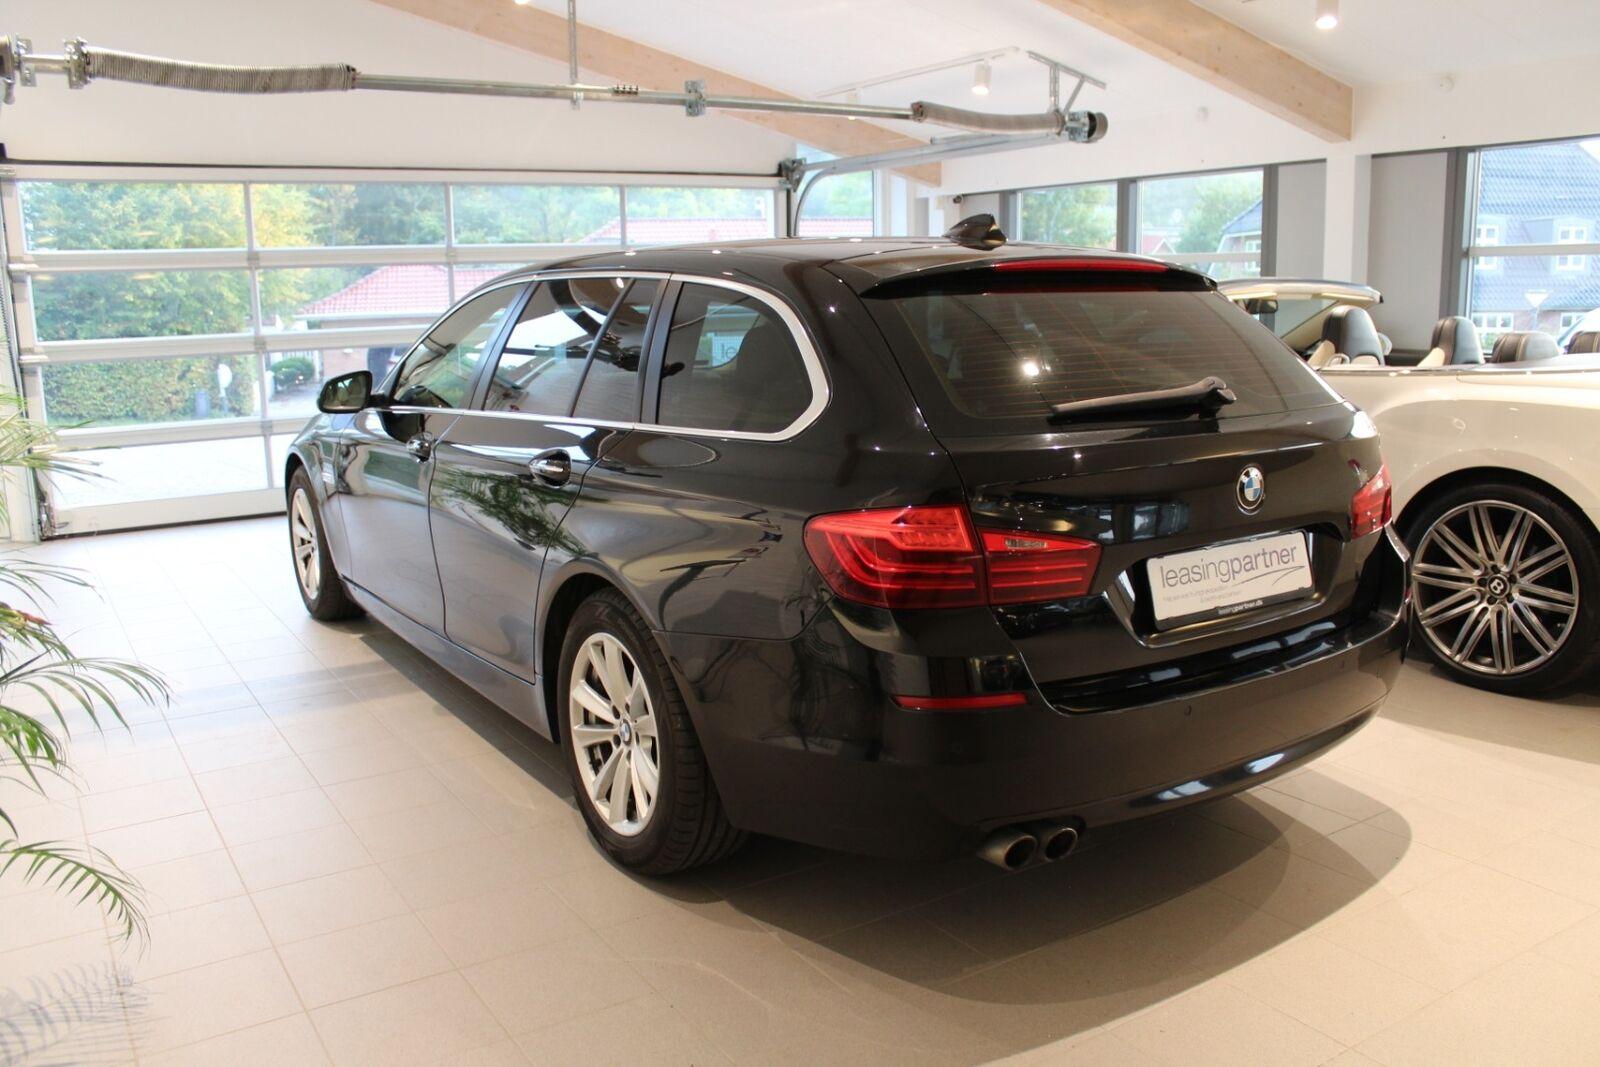 BMW 520d 2,0 Touring aut. 5d, Sort